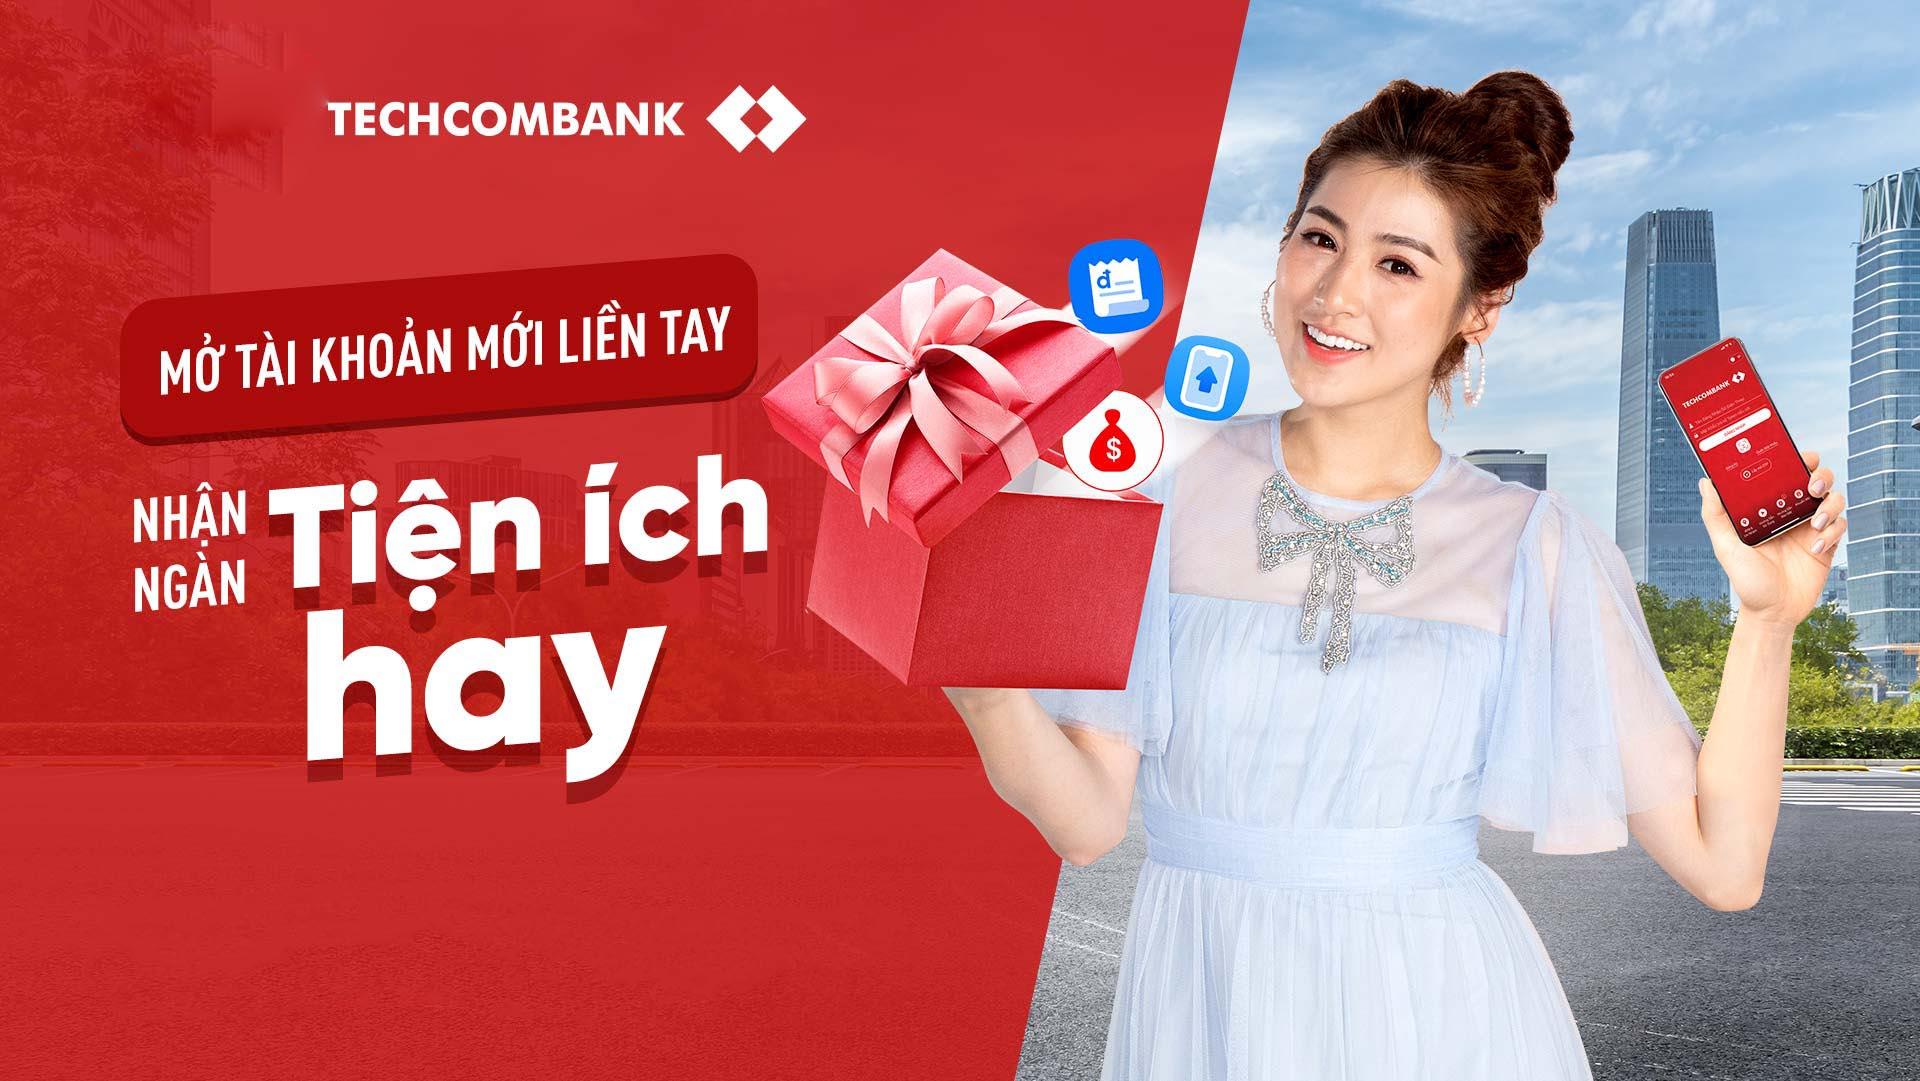 Hướng dẫn cách mở tài khoản ngân hàng Techcombank online